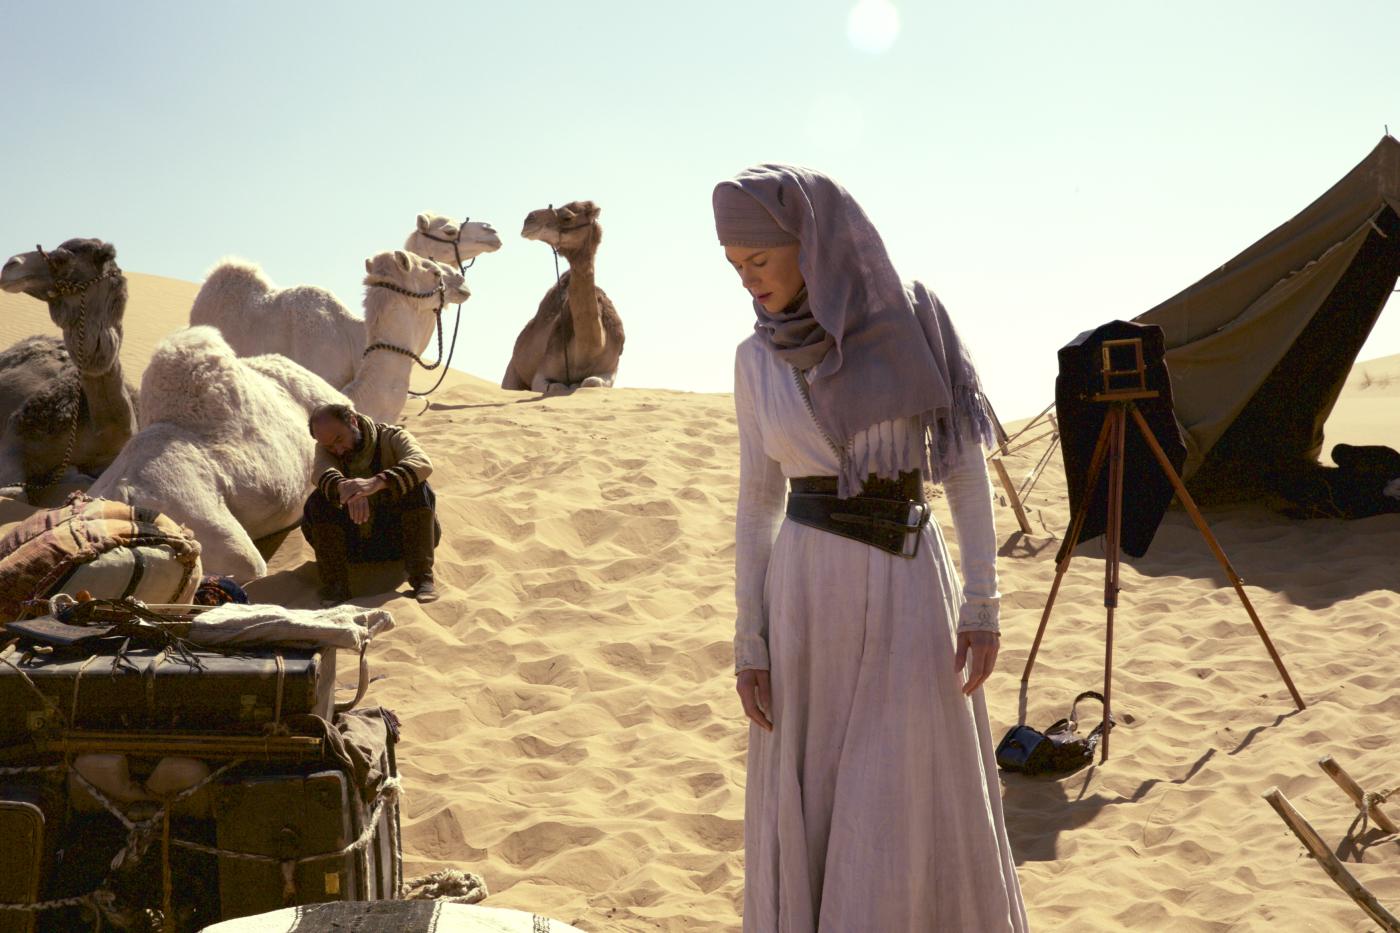 Die Königin Der Wüste